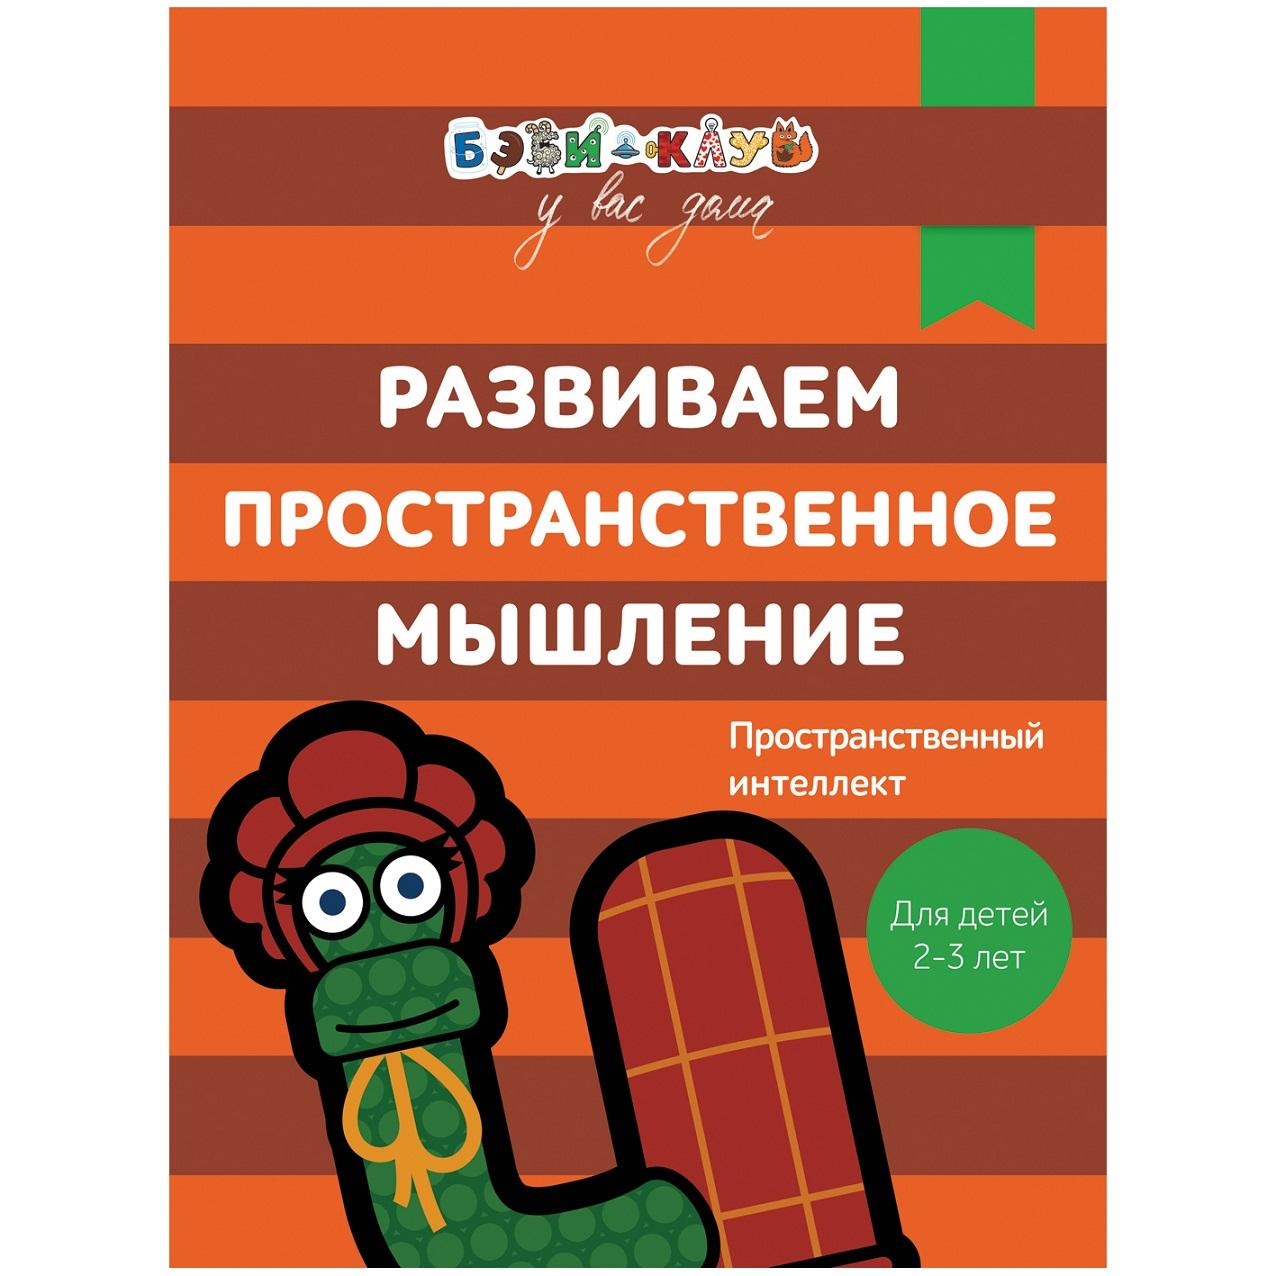 Книга Бэби-клуб - Развиваем пространственное мышление от 2-х до 3-х летРазвивающие пособия и умные карточки<br>Книга Бэби-клуб - Развиваем пространственное мышление от 2-х до 3-х лет<br>